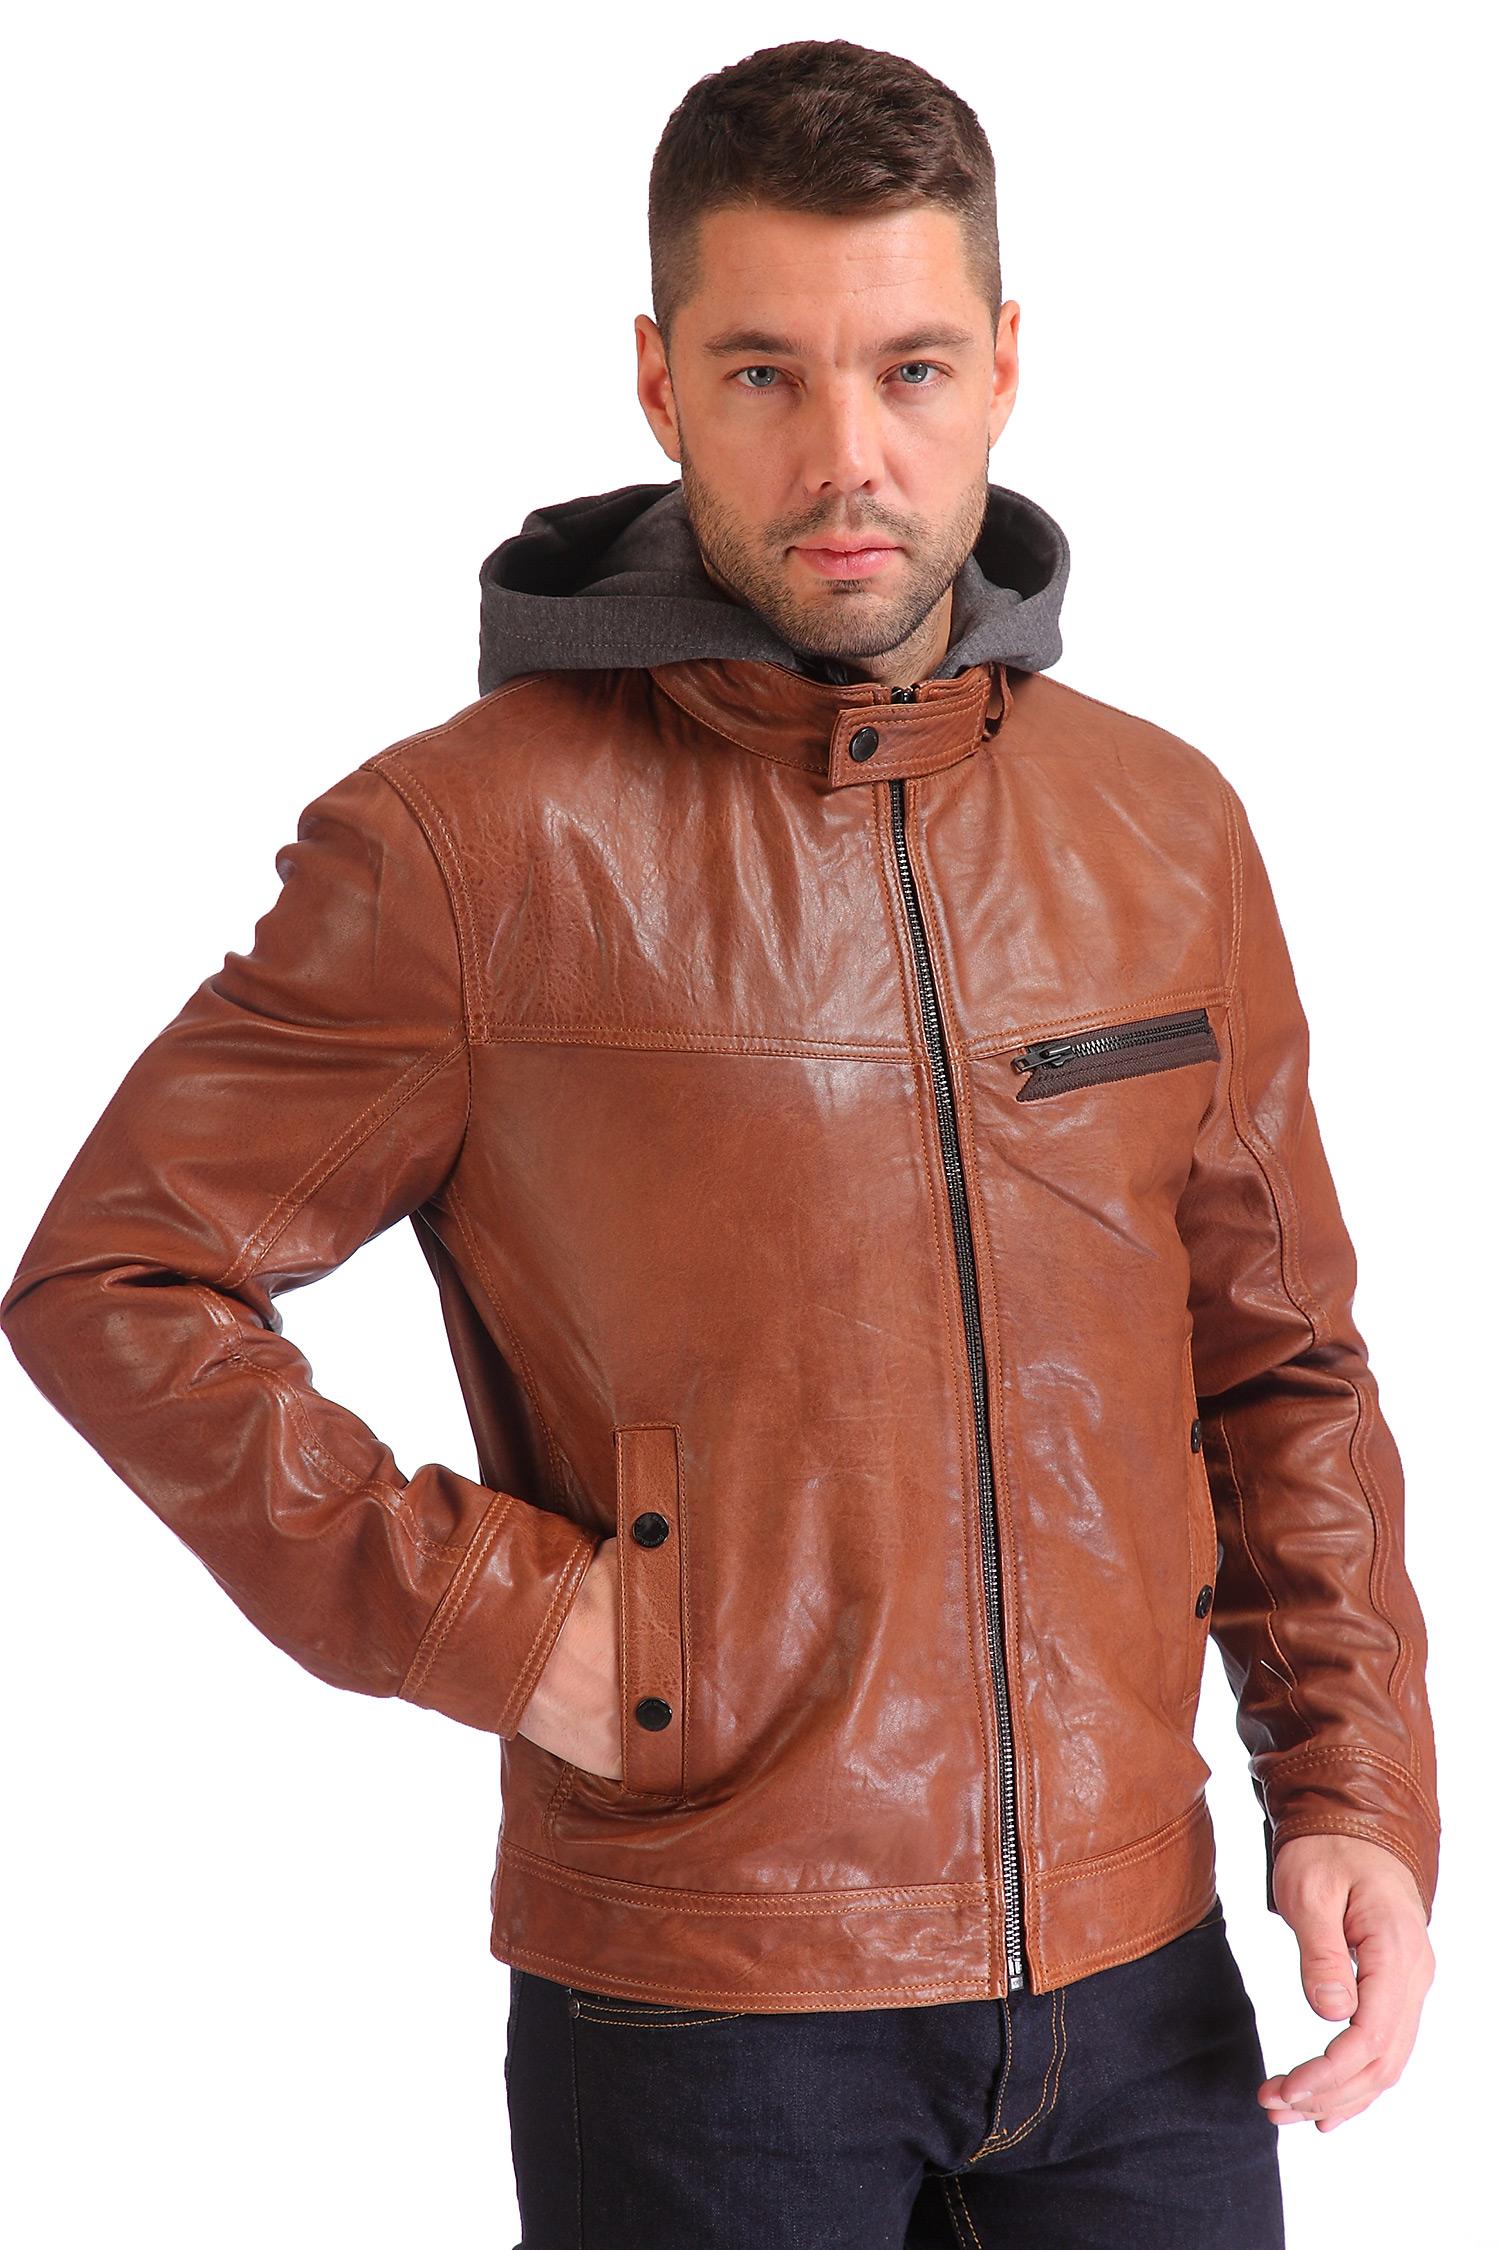 Мужская кожаная куртка из натуральной кожи утепленная с капюшоном<br><br>Длина см: Короткая (51-74 )<br>Материал: Кожа овчина<br>Цвет: коричневый<br>Застежка: на молнии<br>Пол: Мужской<br>Размер RU: 58